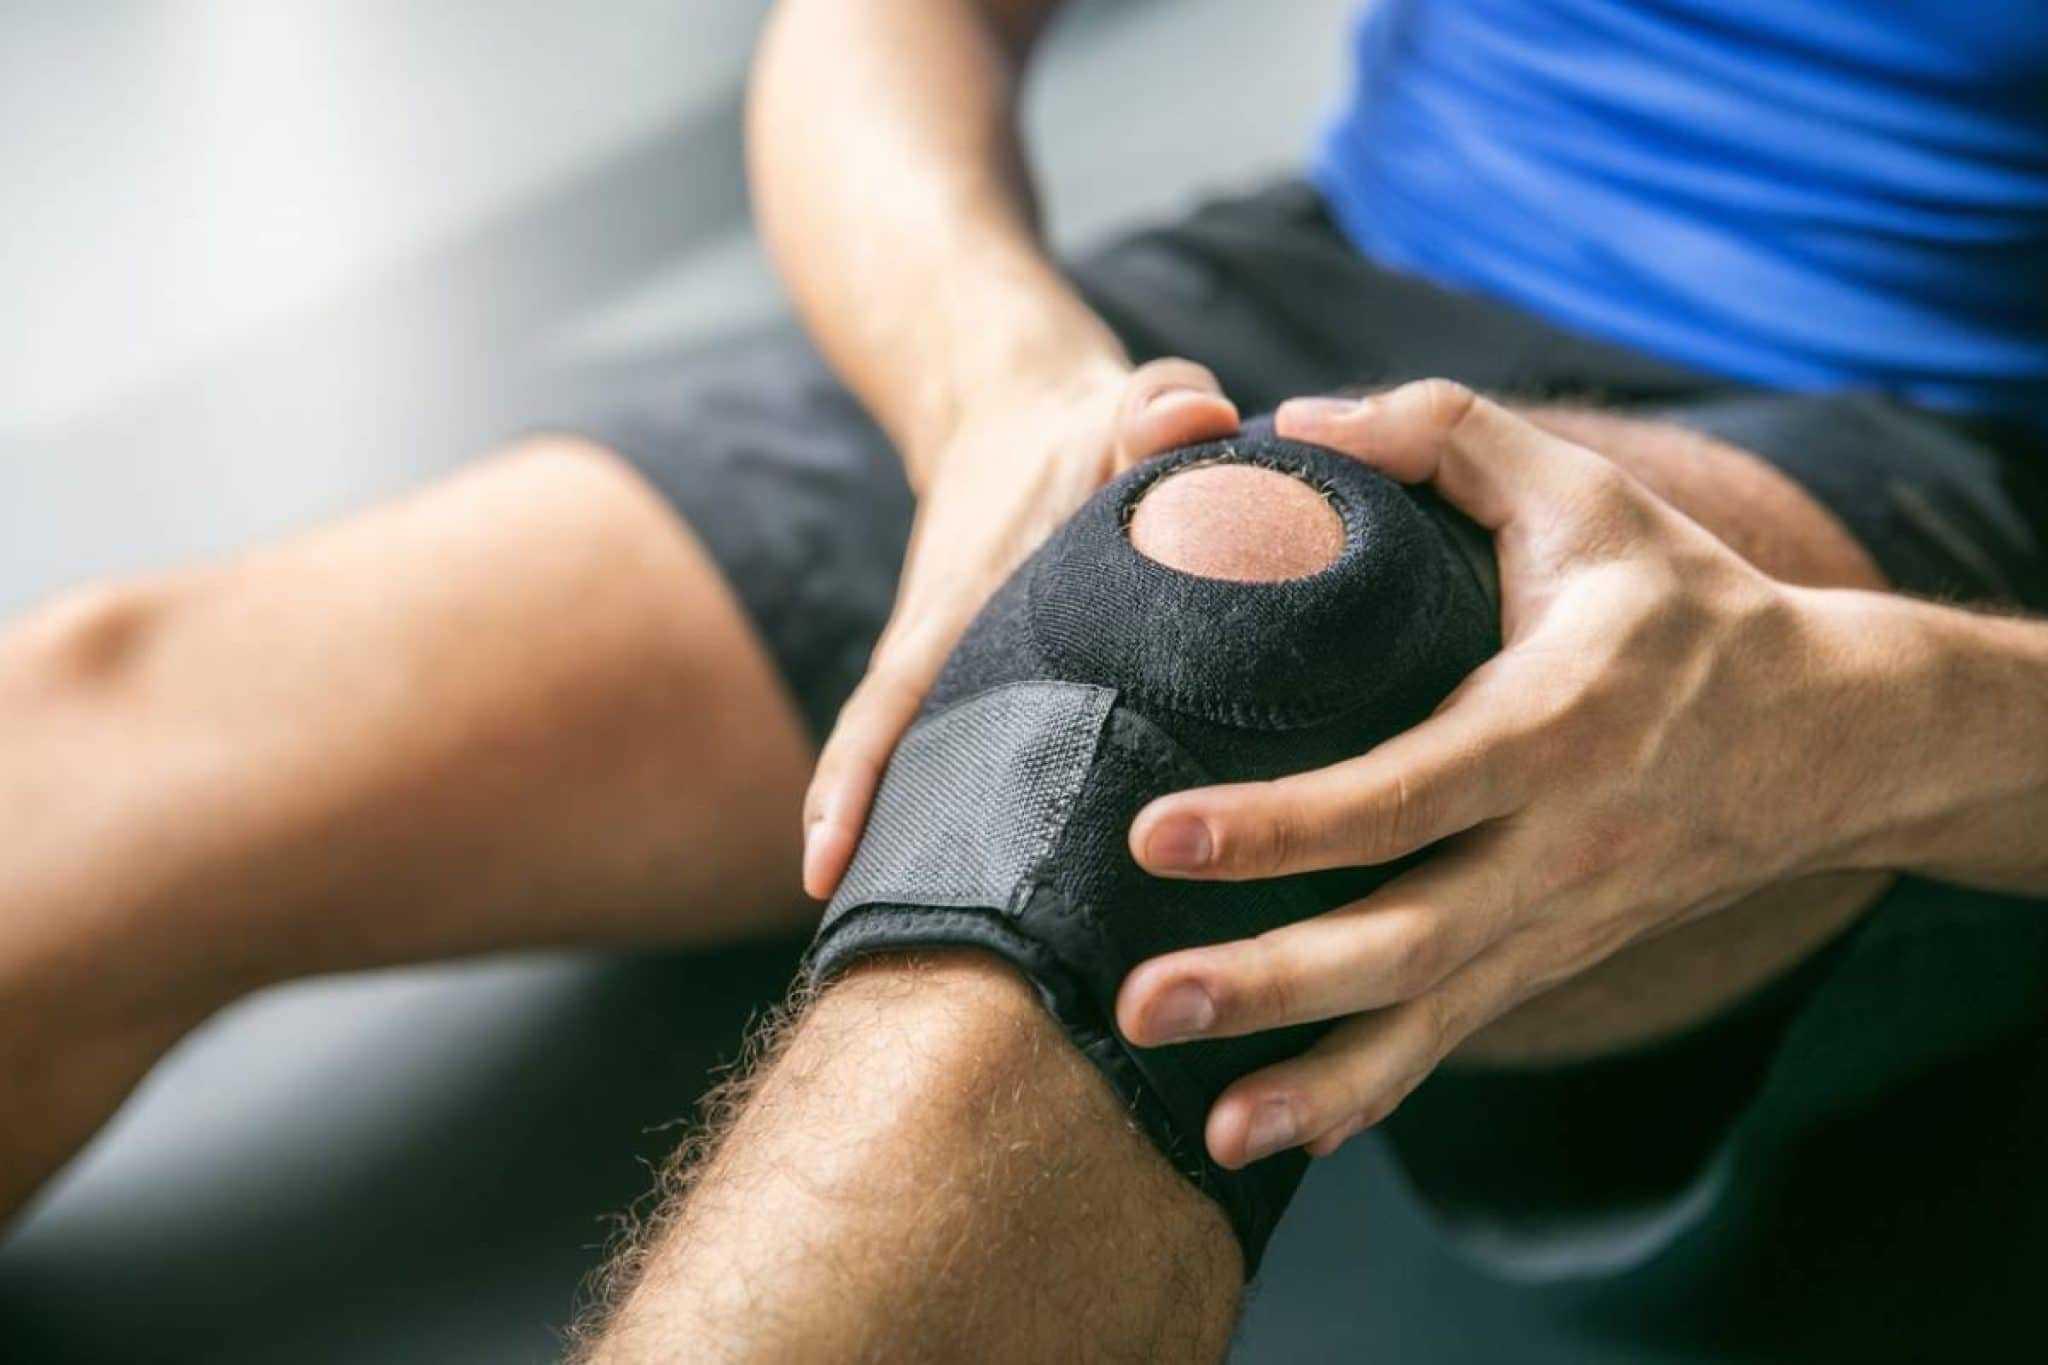 Болят колени при беге. какие причины? как предотвратить? - livelong